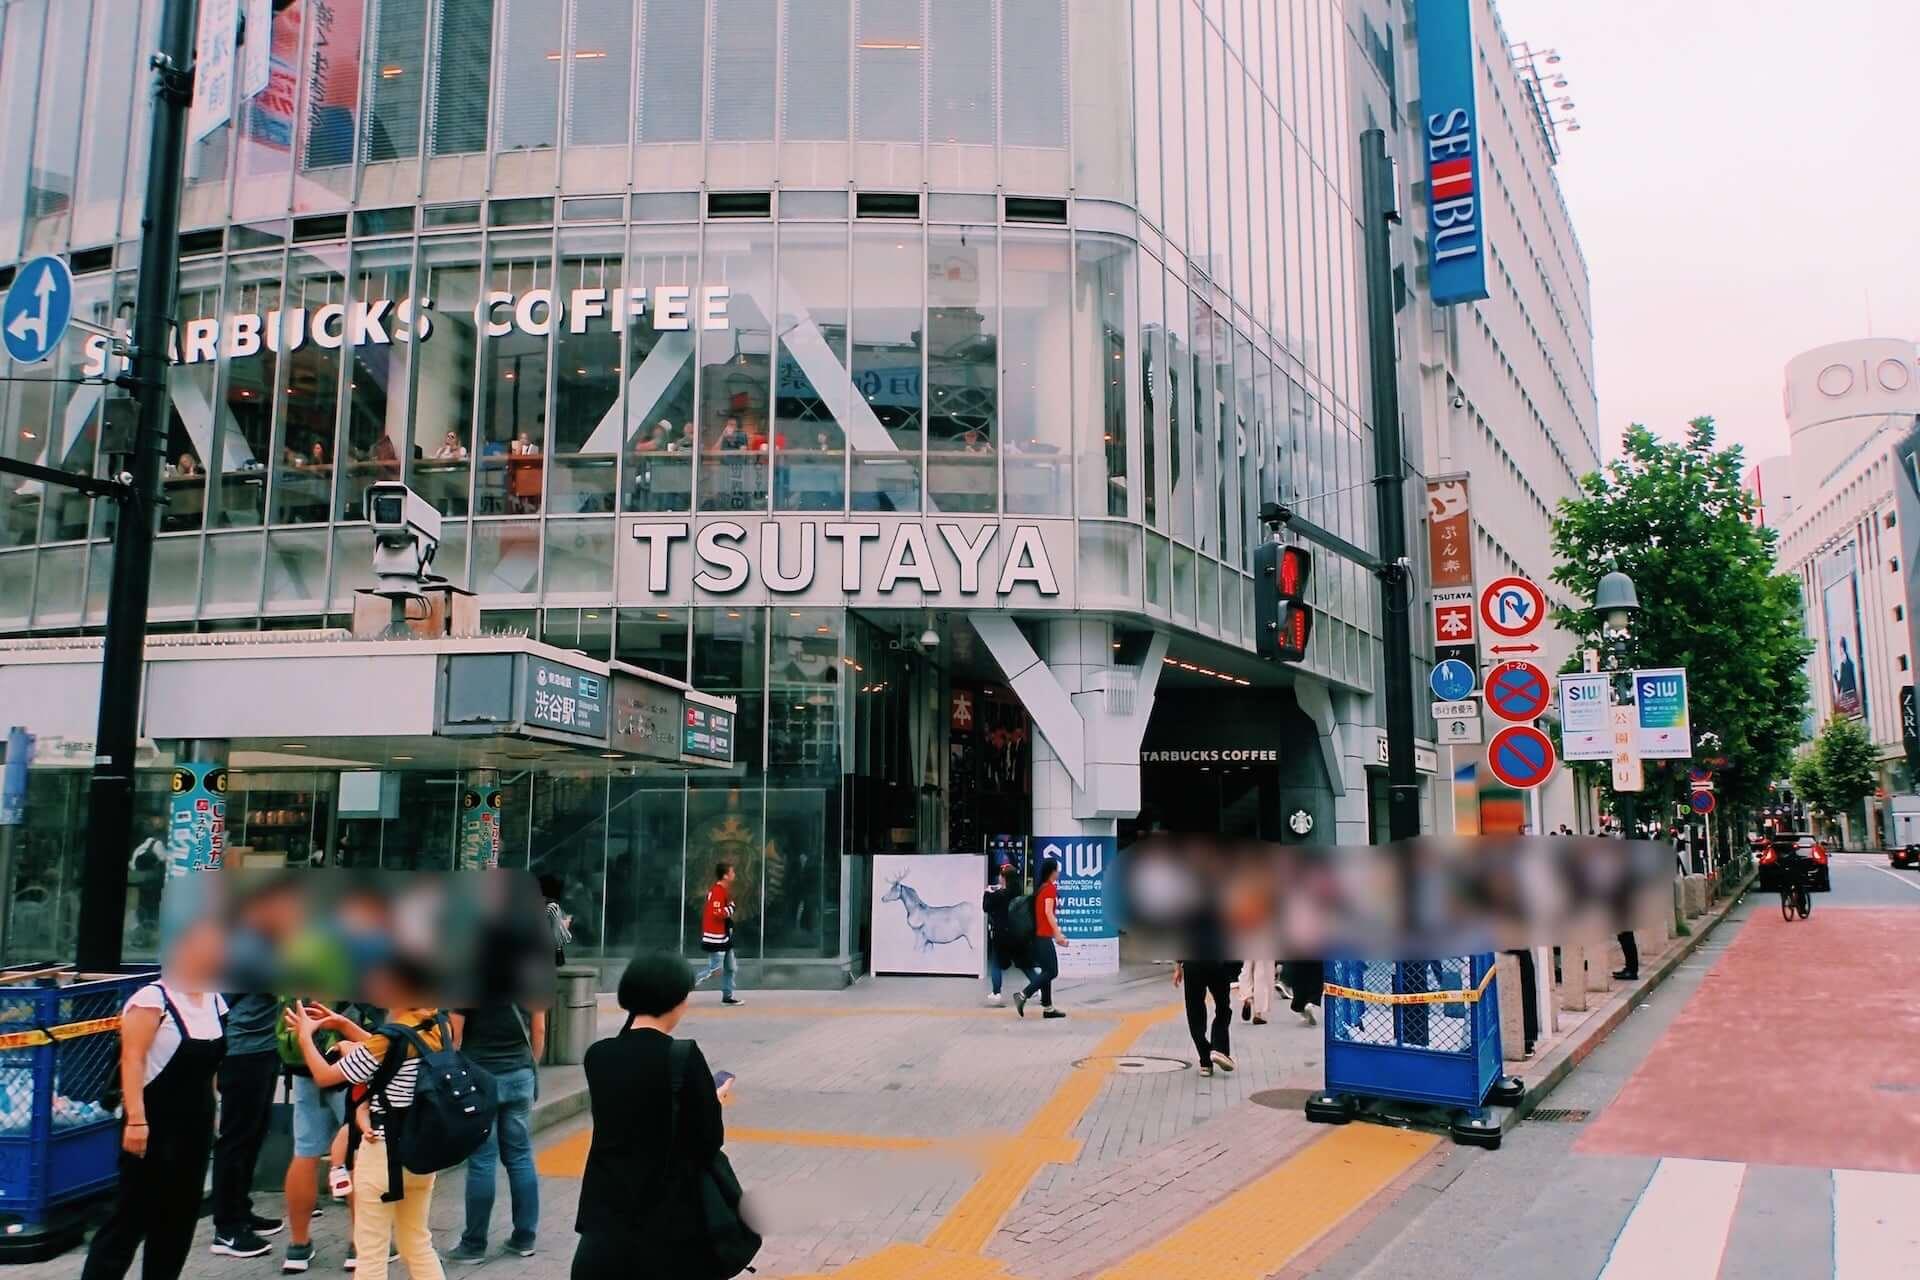 米津玄師「馬と鹿」のデカジャケが渋谷スクランブル交差点に出現!全国各地をデカジャケがめぐる music190913_yonezukenshi_dekajake_3-1920x1280